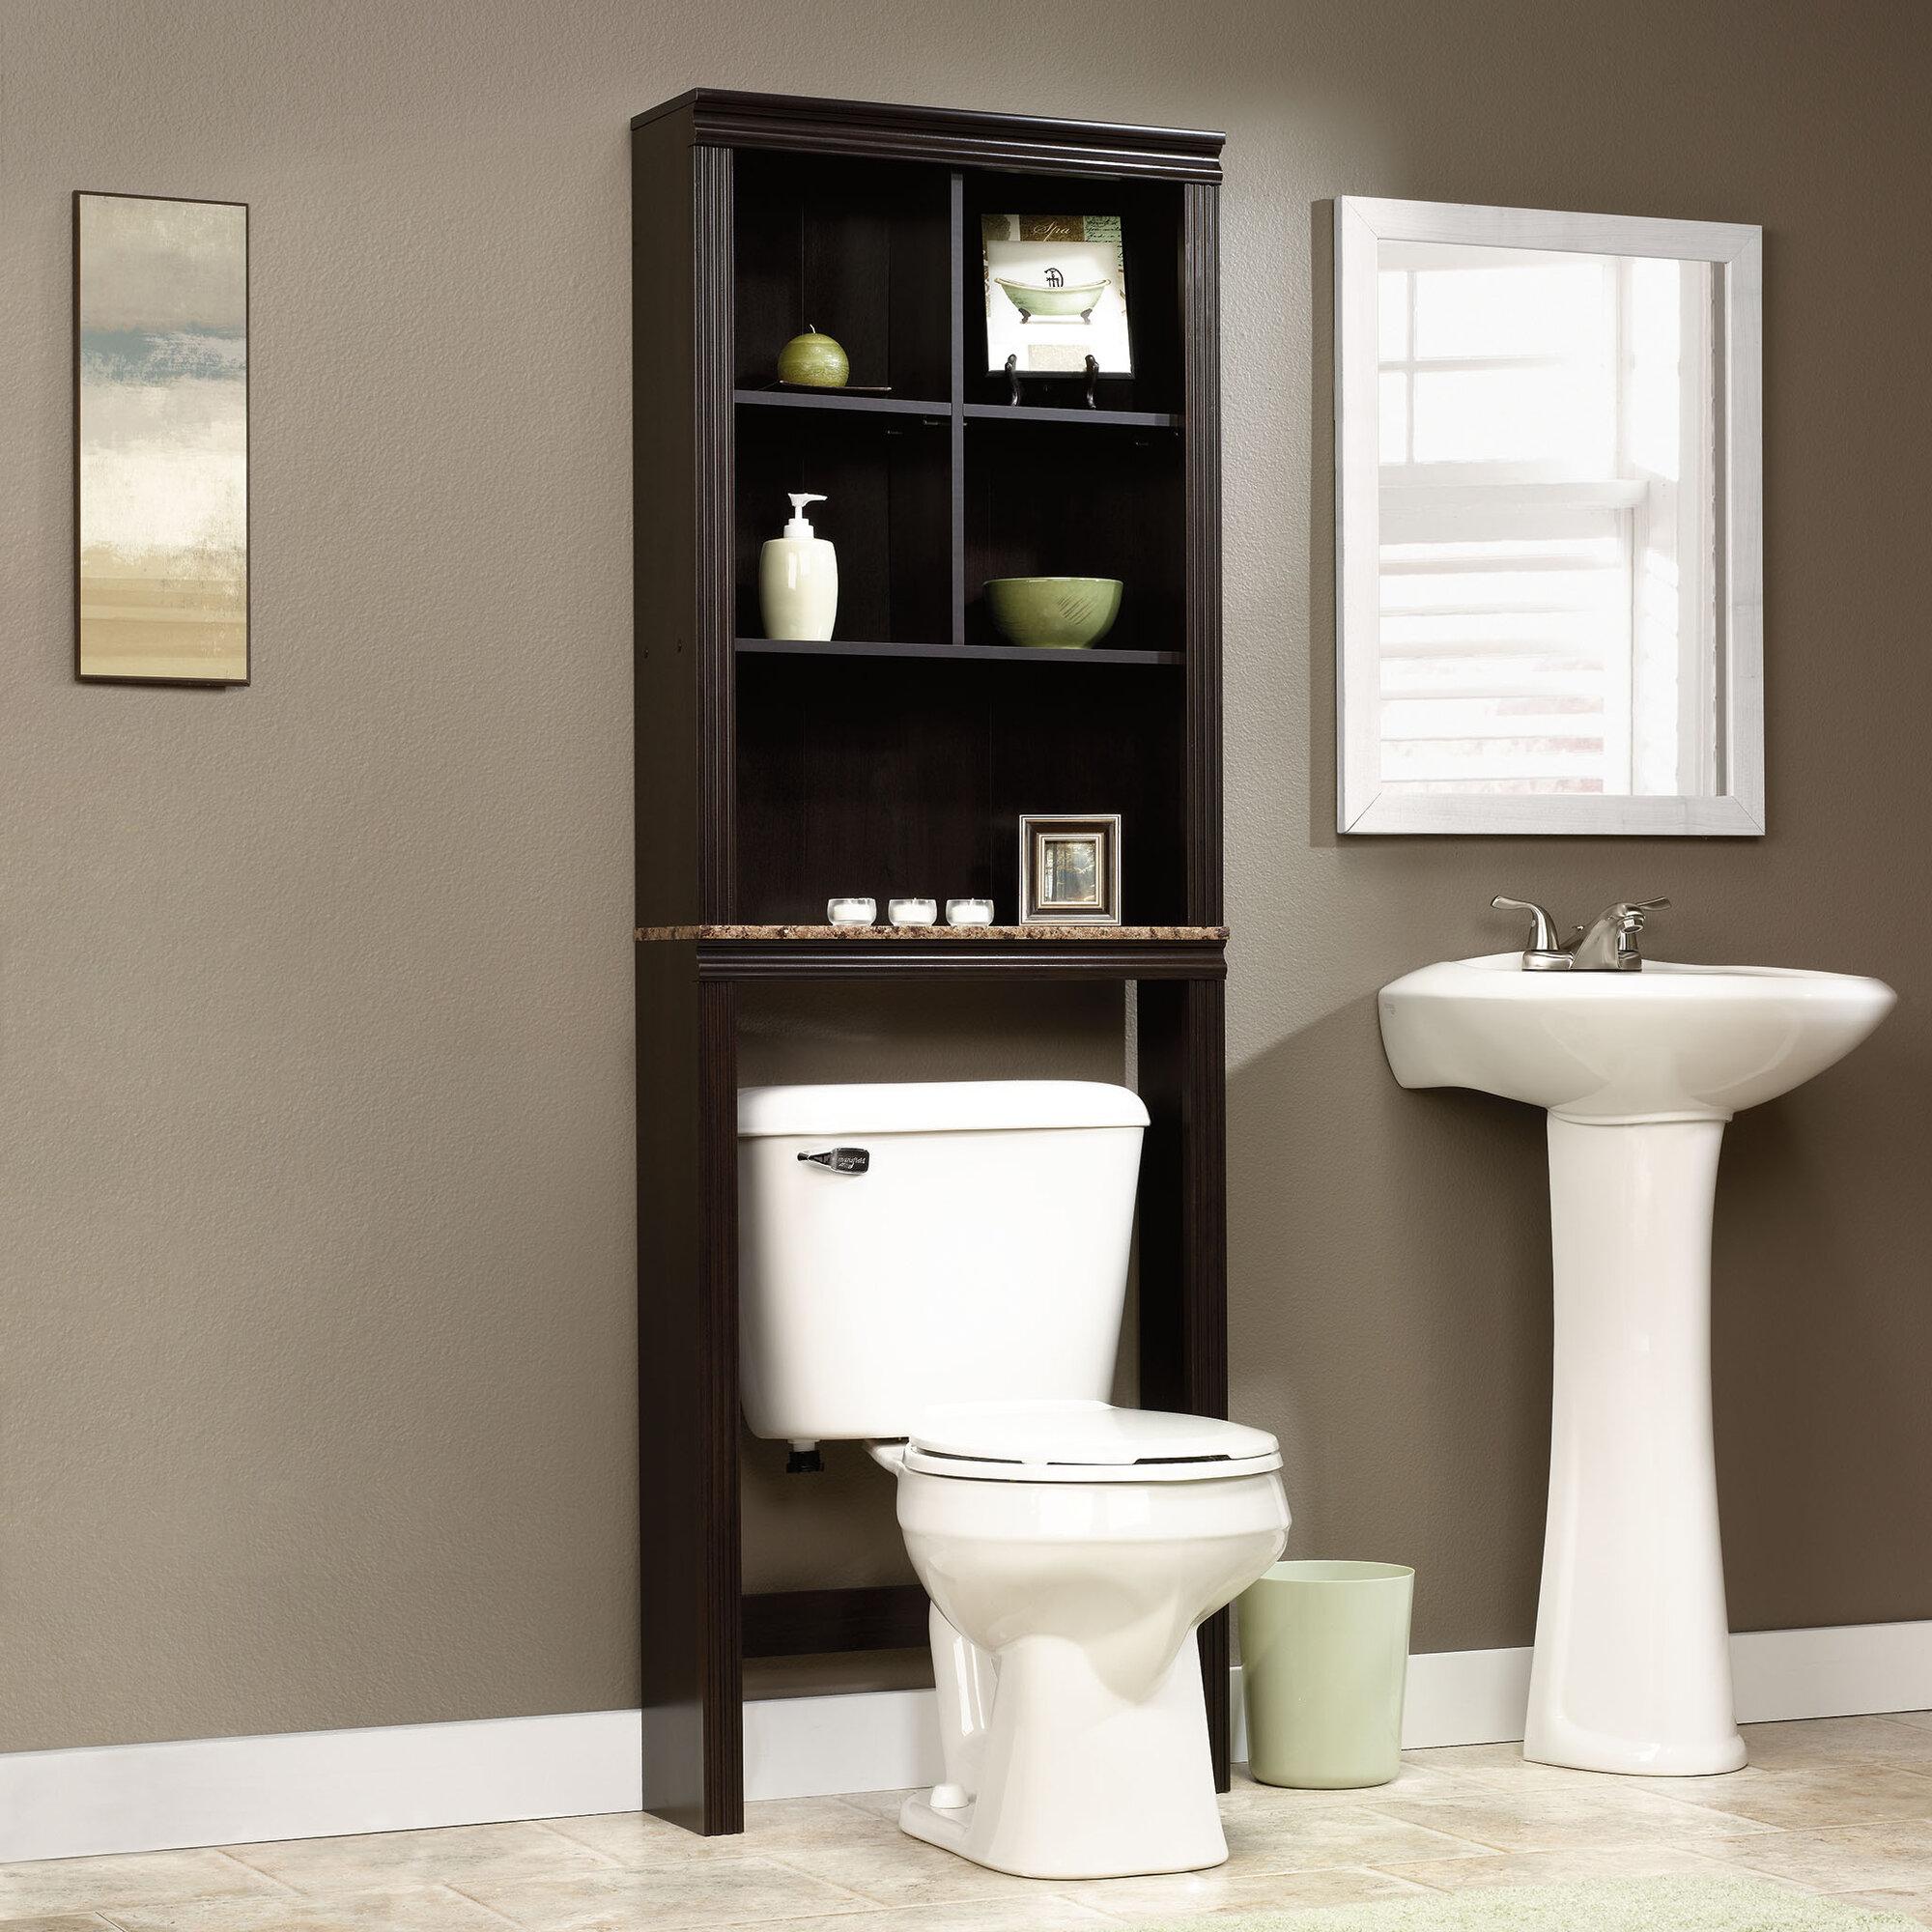 bathroom cabinet over toilet shelf space saver storage adjustable